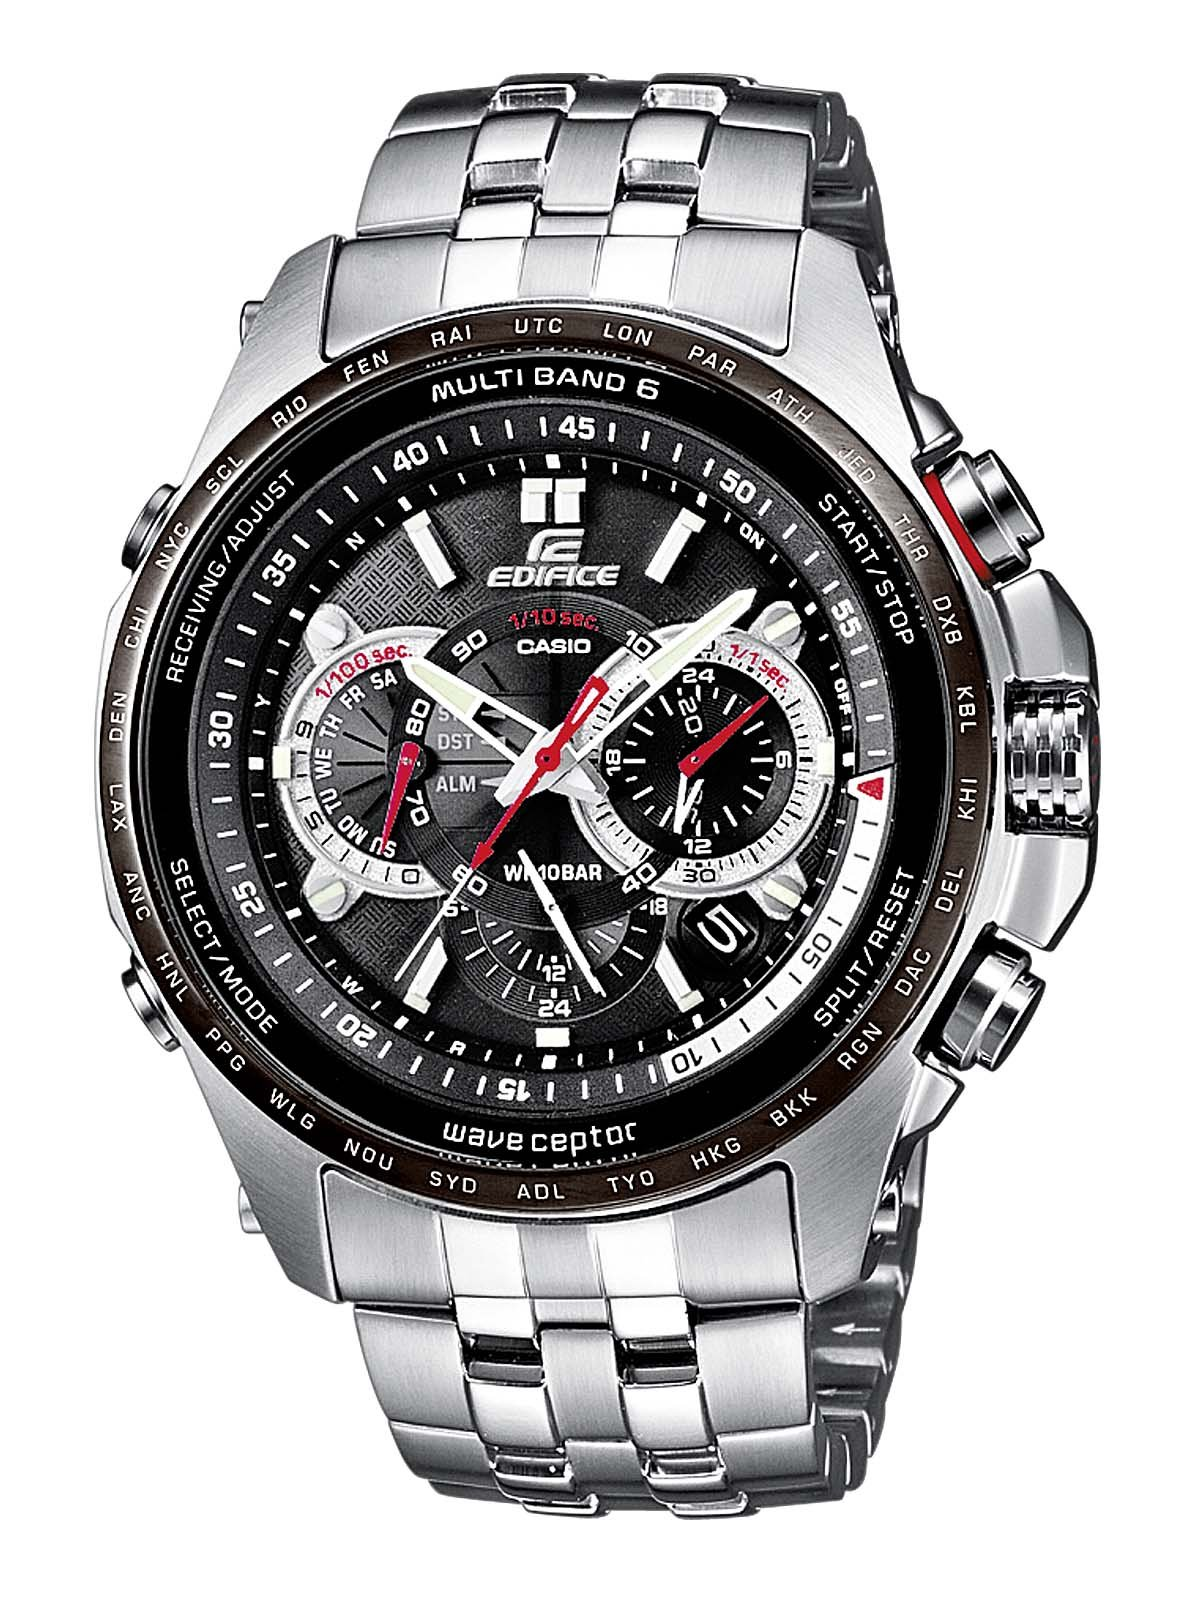 Casio EQW-M710DB-1A1ER Mens Edifice Chronograph Watch